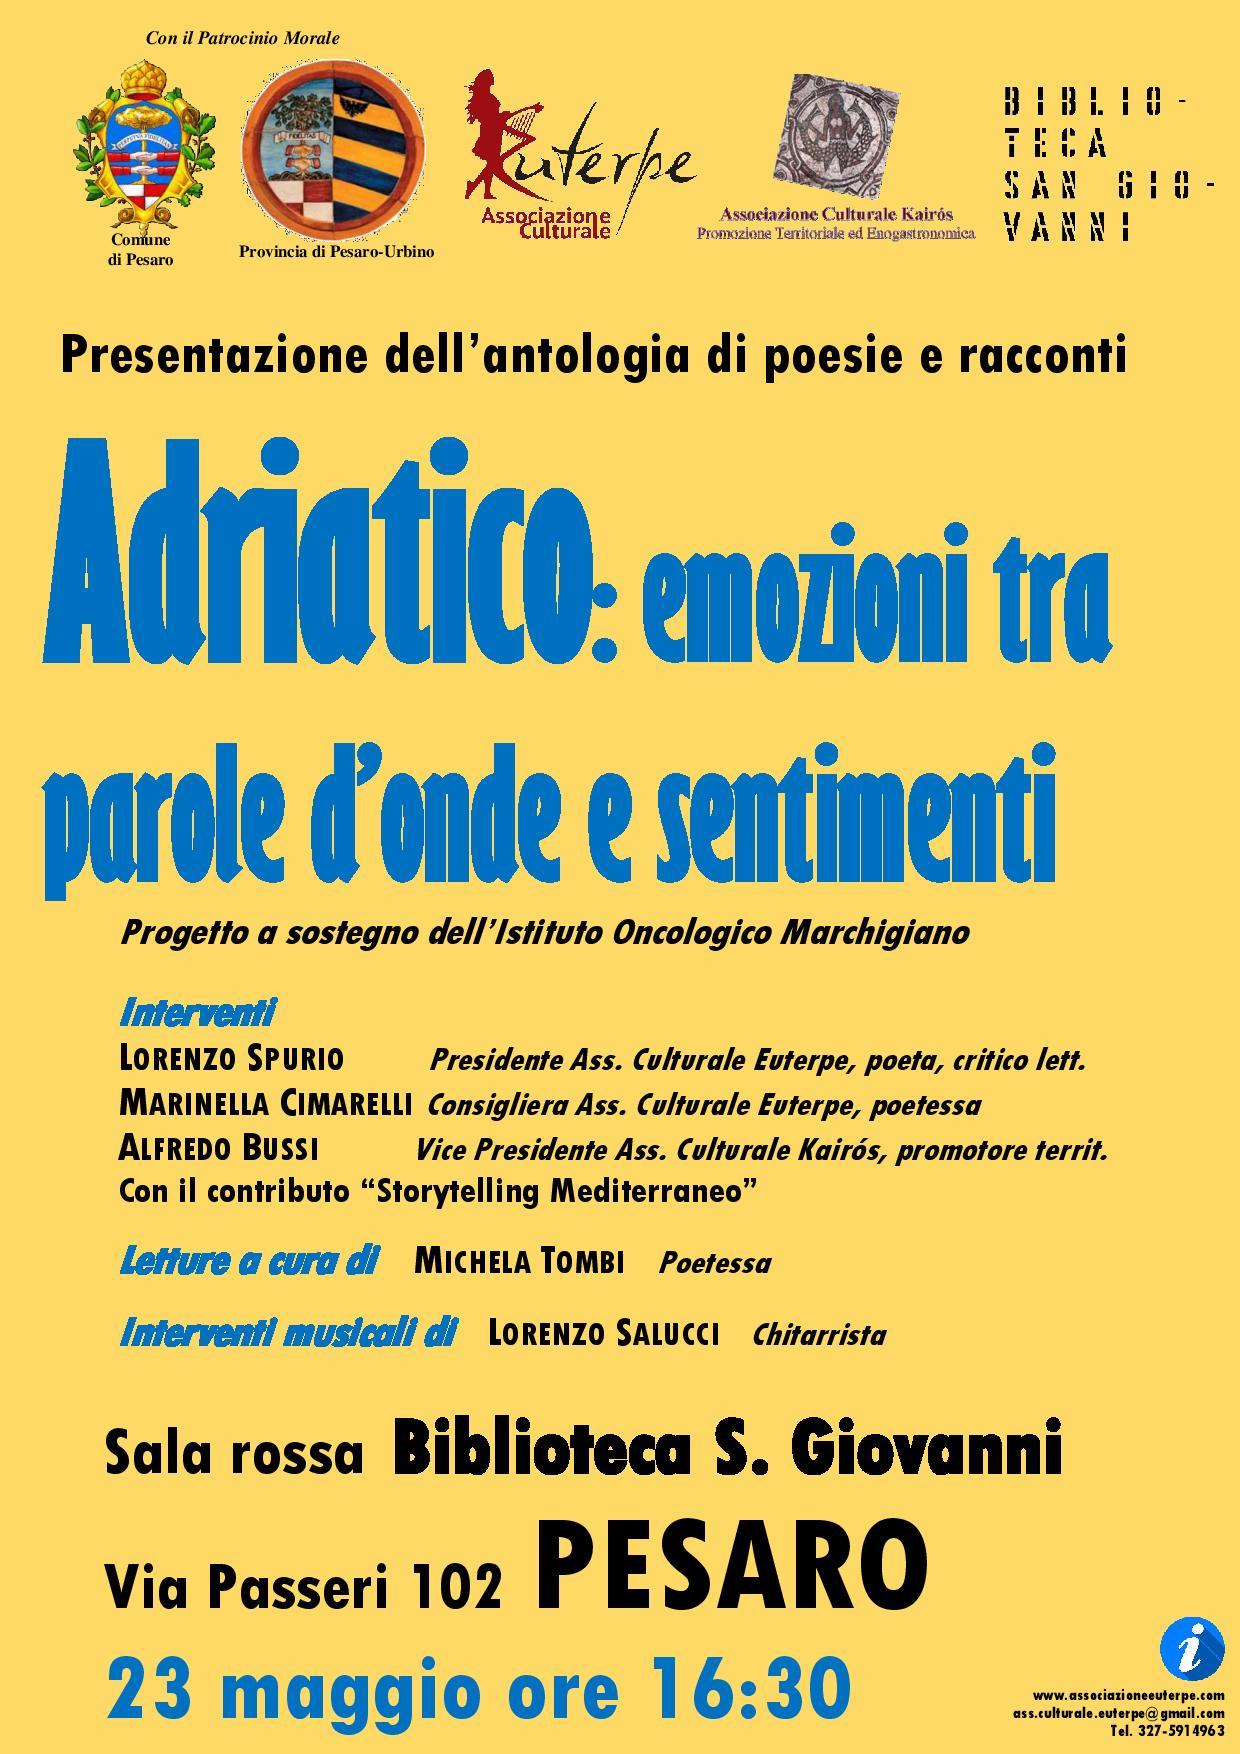 locandina_Adriatico_Pesaro-page-001.jpg